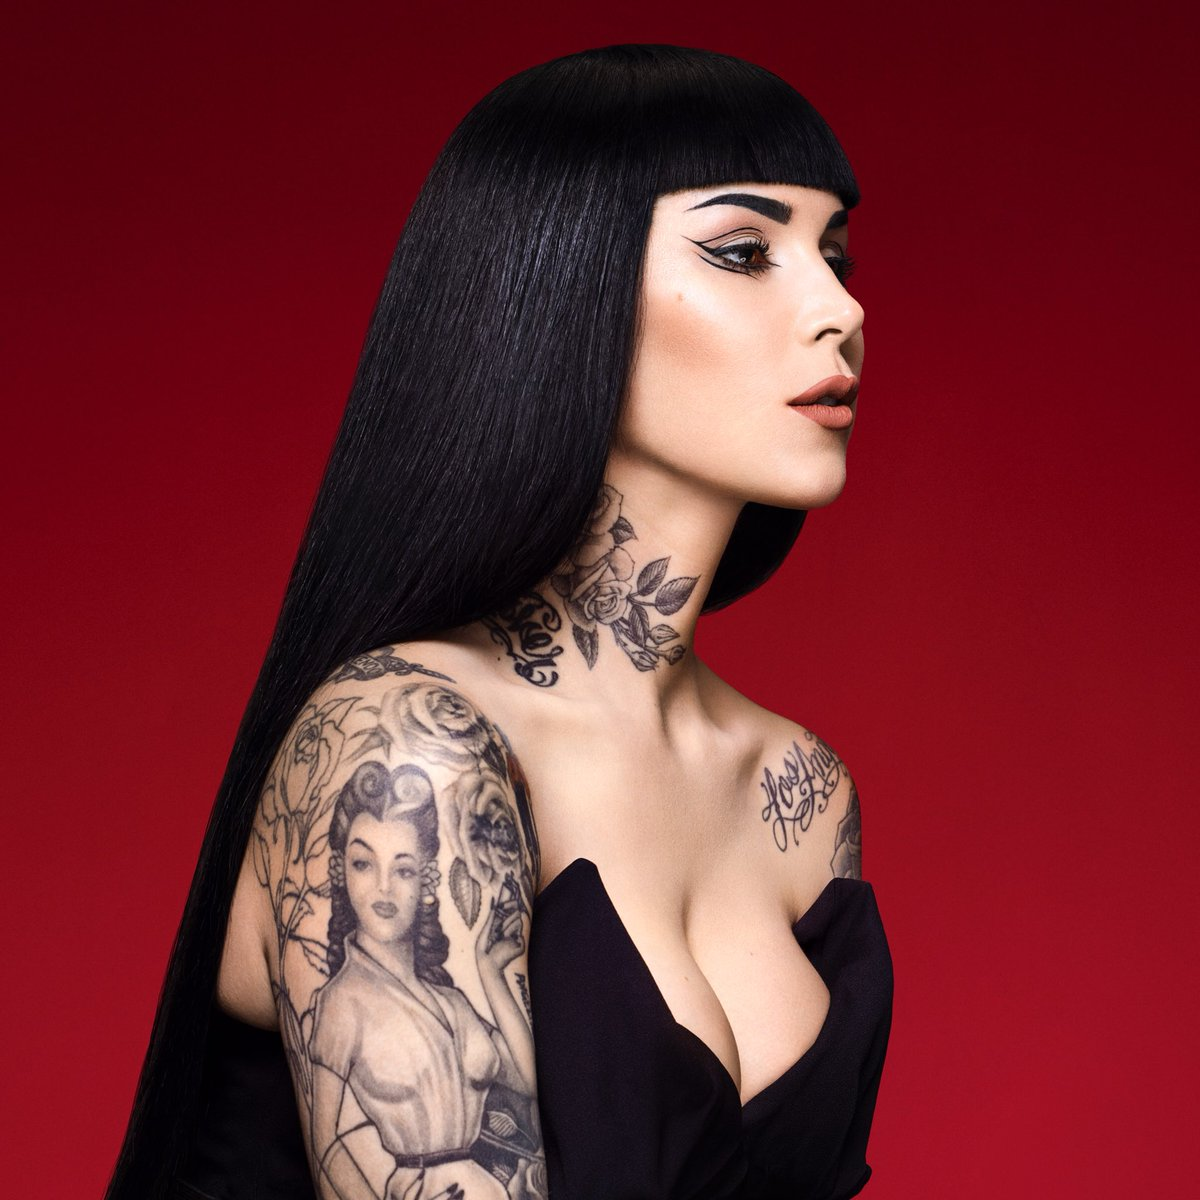 Kat von d tattoos